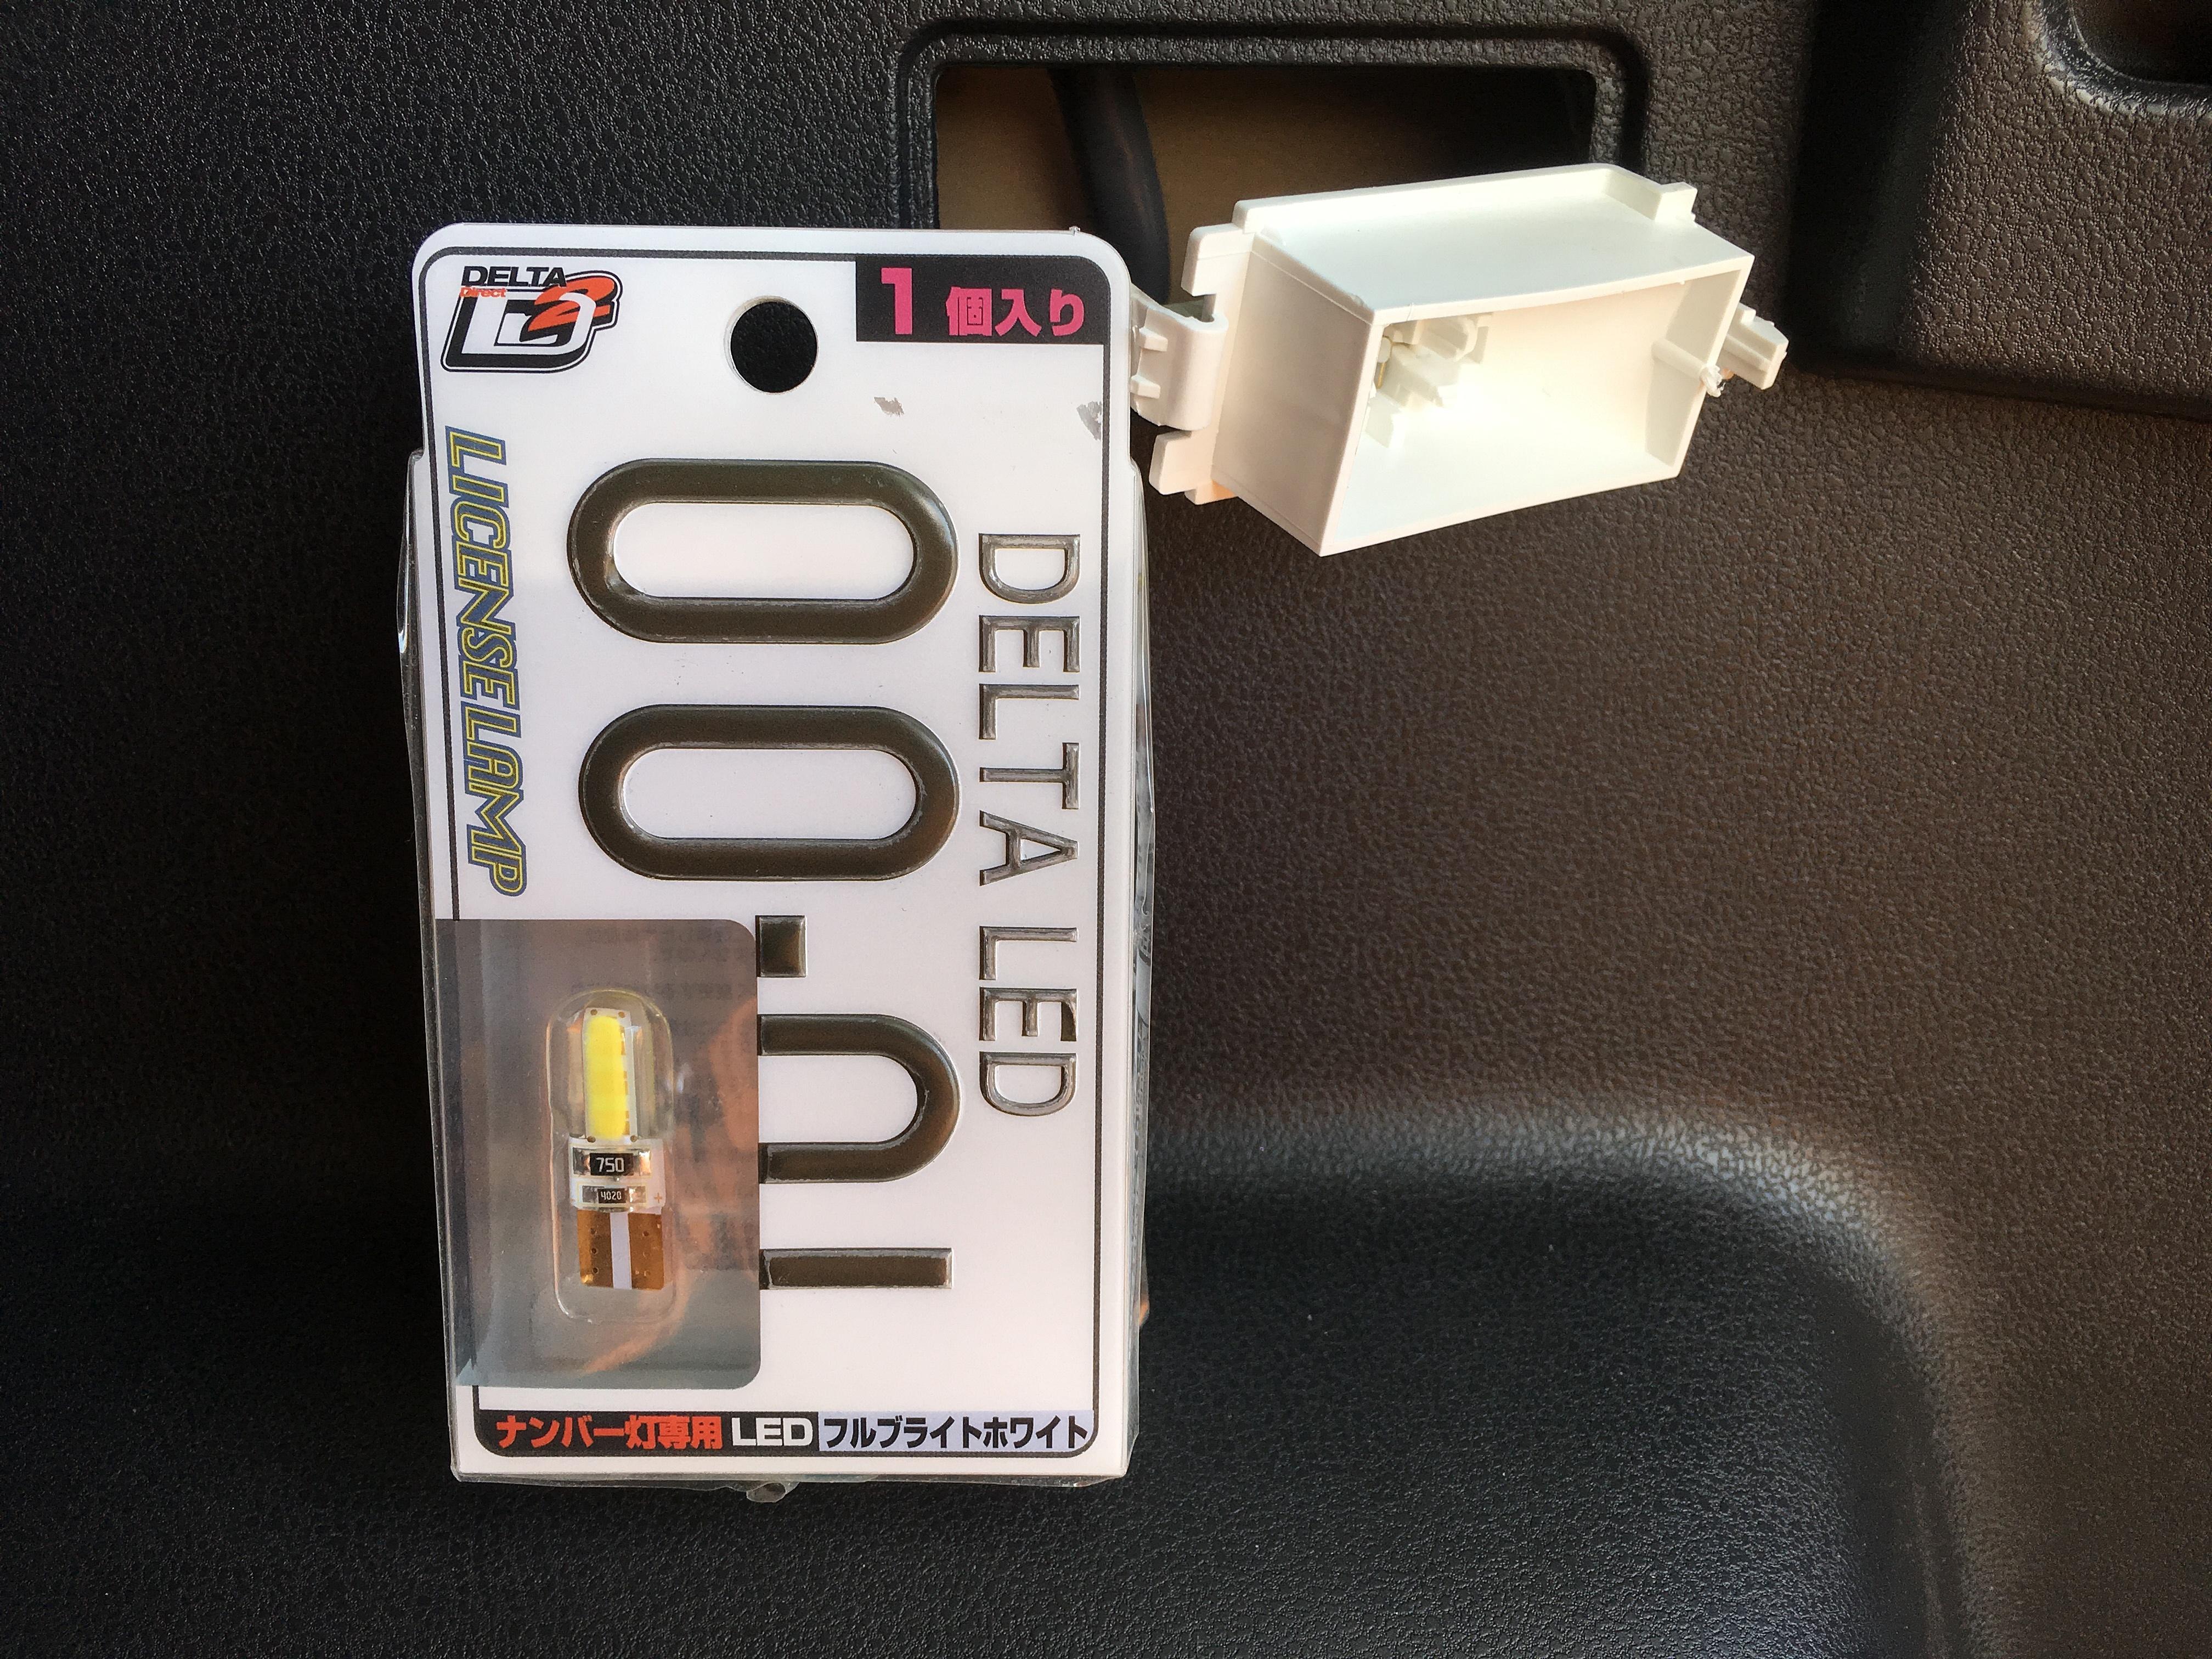 ノート e-POWER トランクルームLEDランプ.JPG